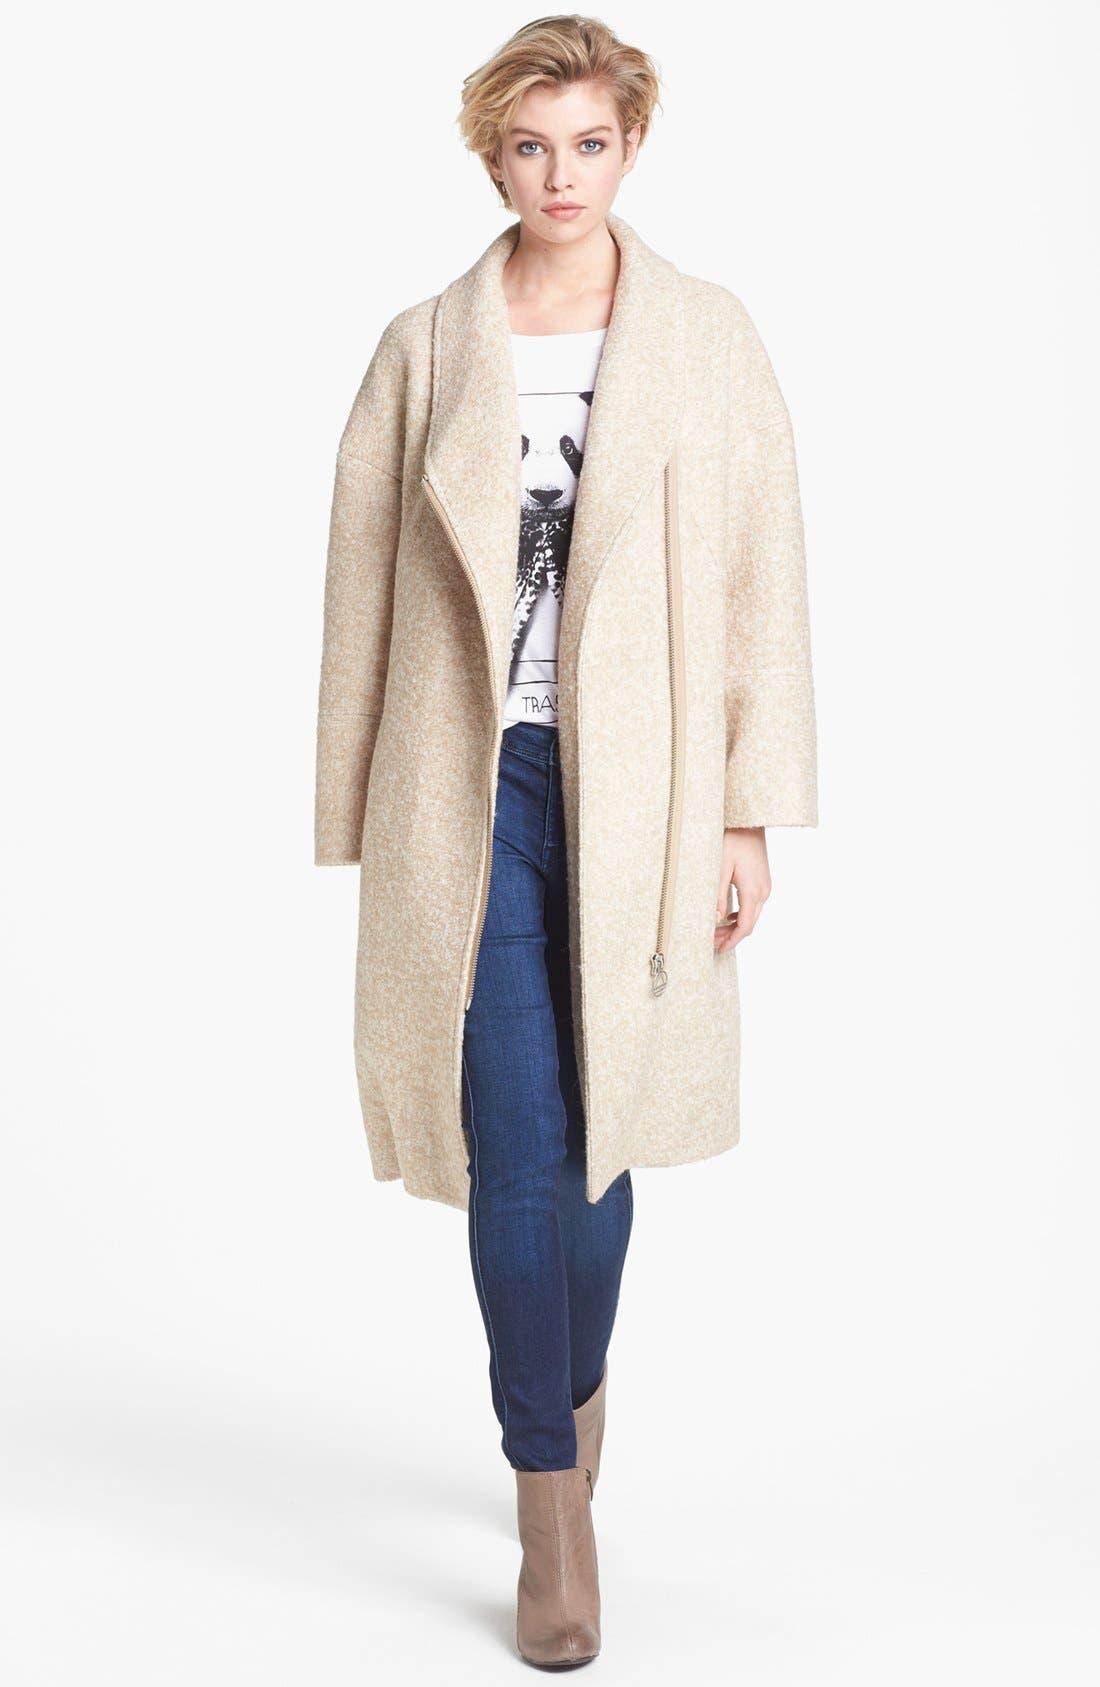 Main Image - ELEVENPARIS 'Taylor' Oversized Jacket